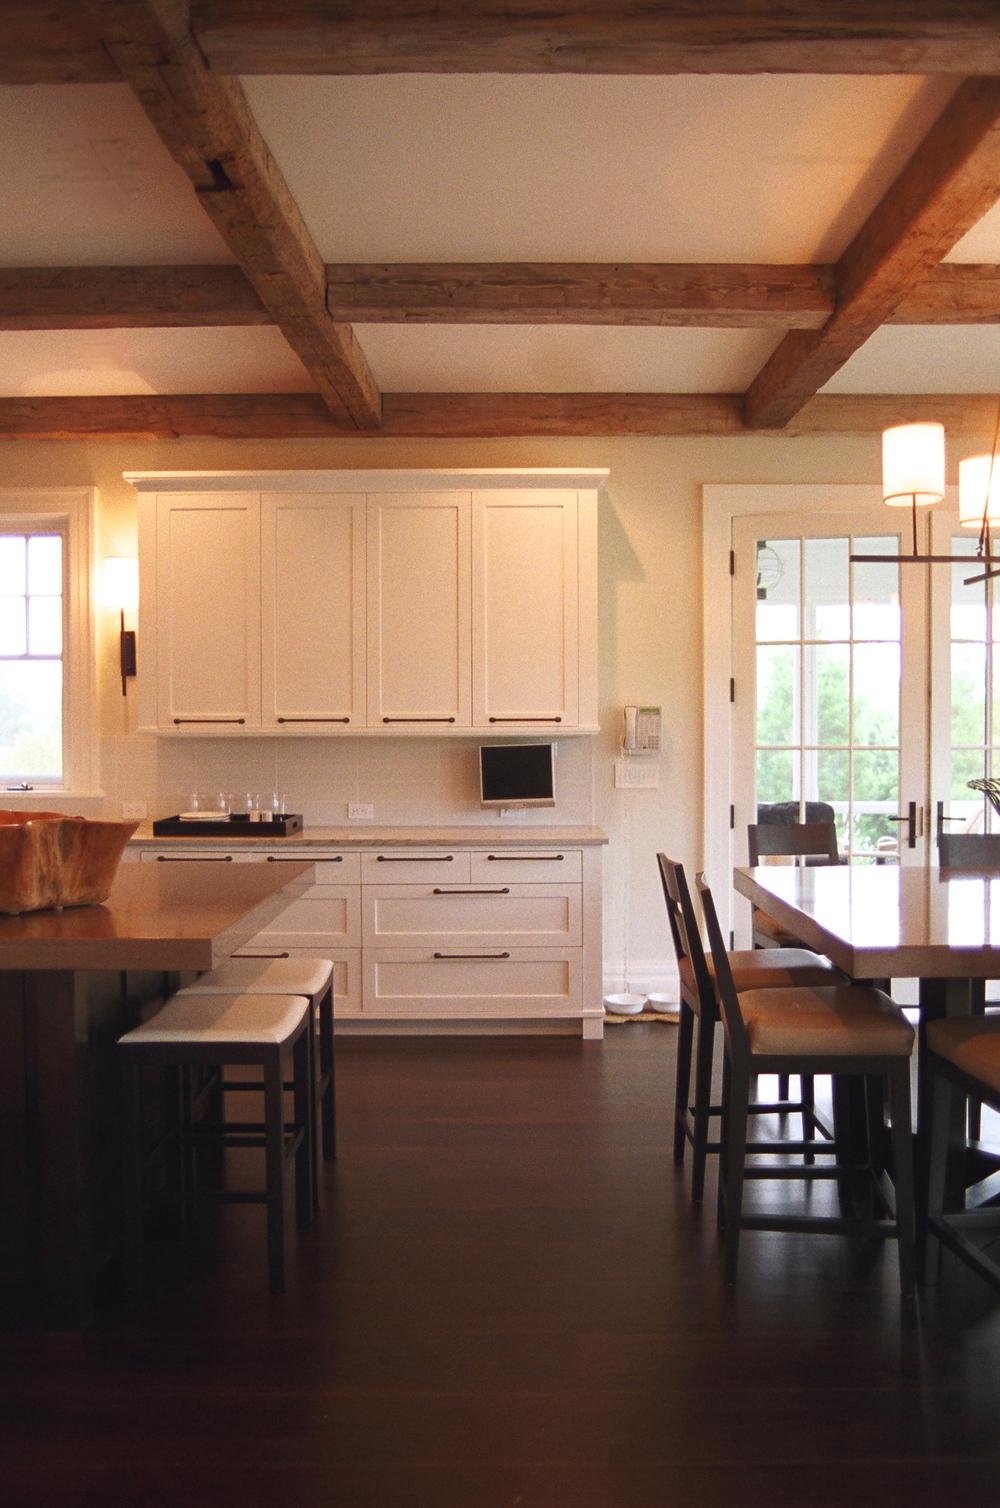 kitchen.2113.23.jpg